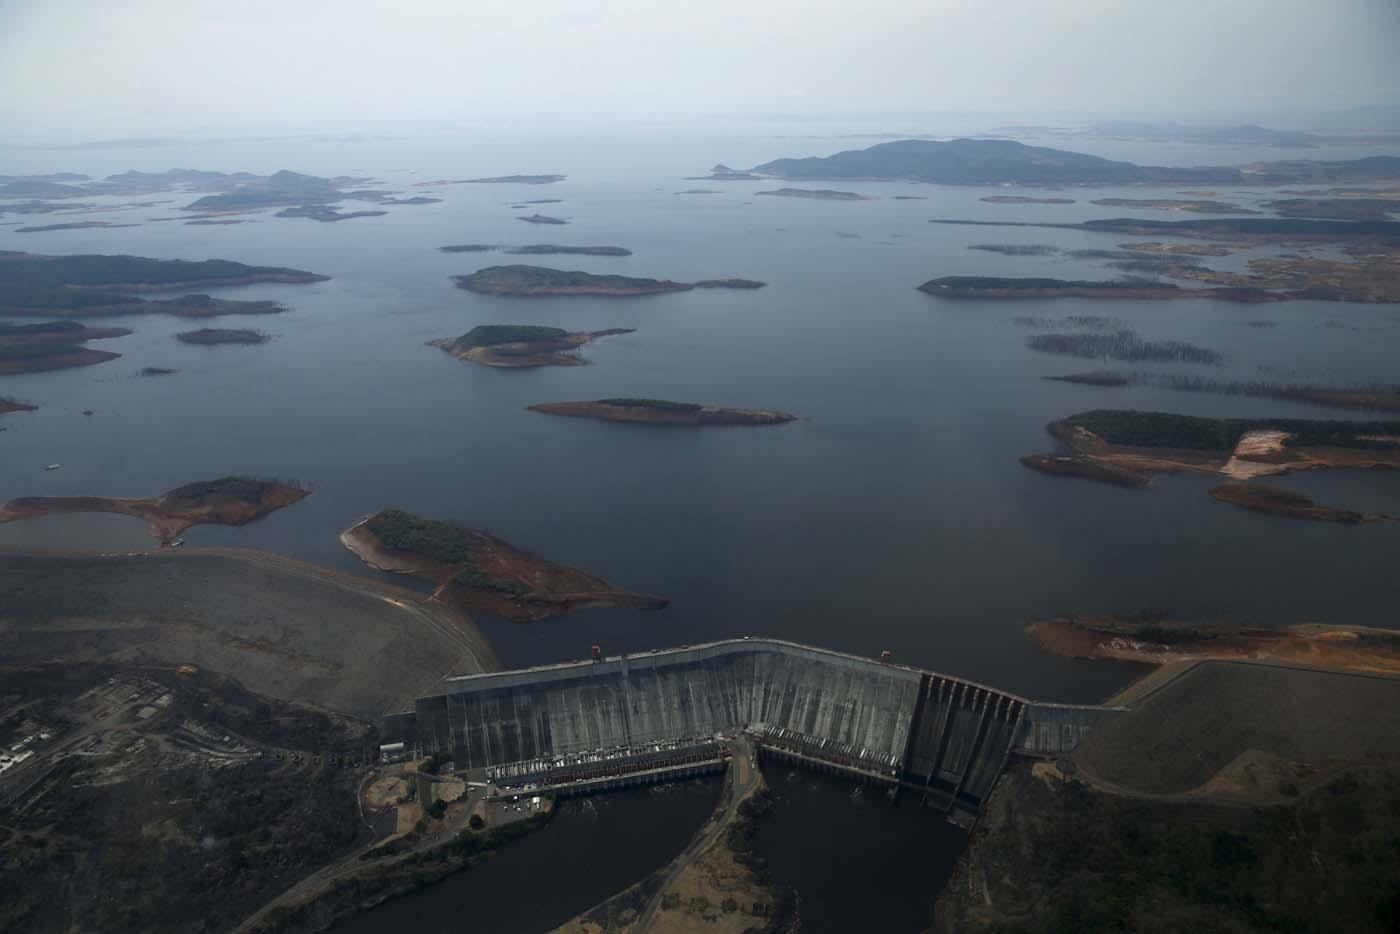 Imagen que refleja la sequía del embalse El Guri. Foto: Archivo